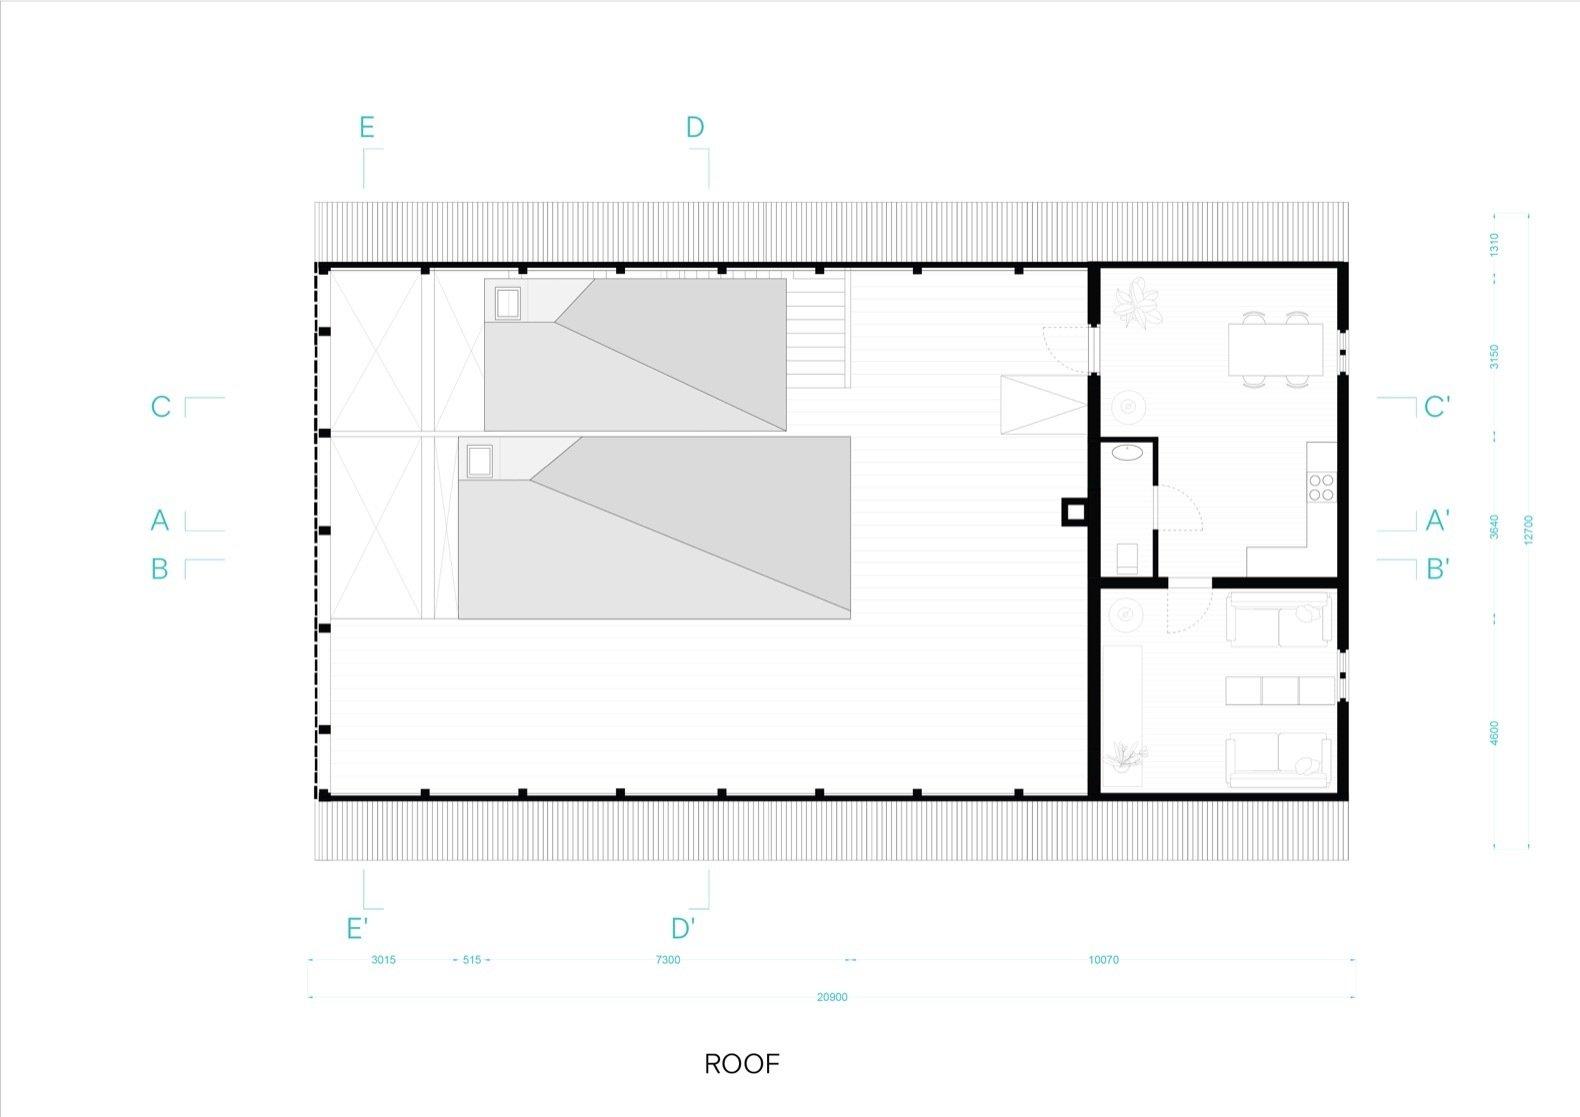 Dortmannhof upper-floor plan